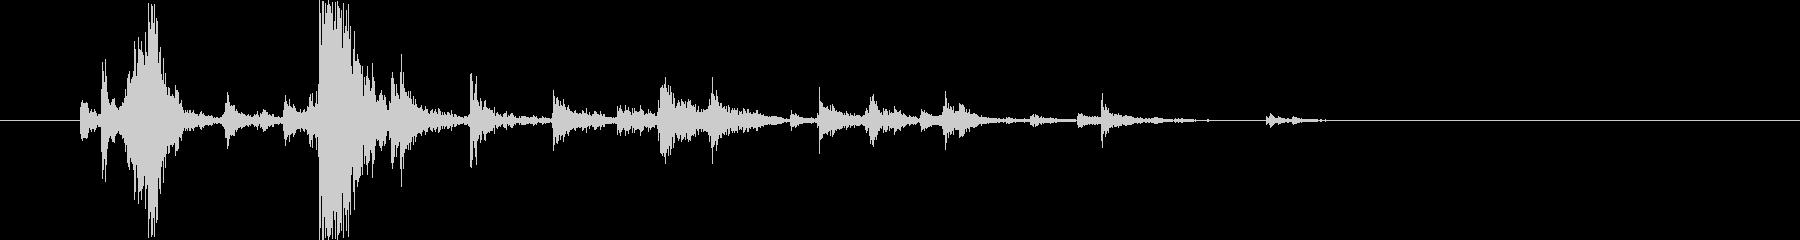 ドンガラガッシャン(プラ製器の落下音)3の未再生の波形